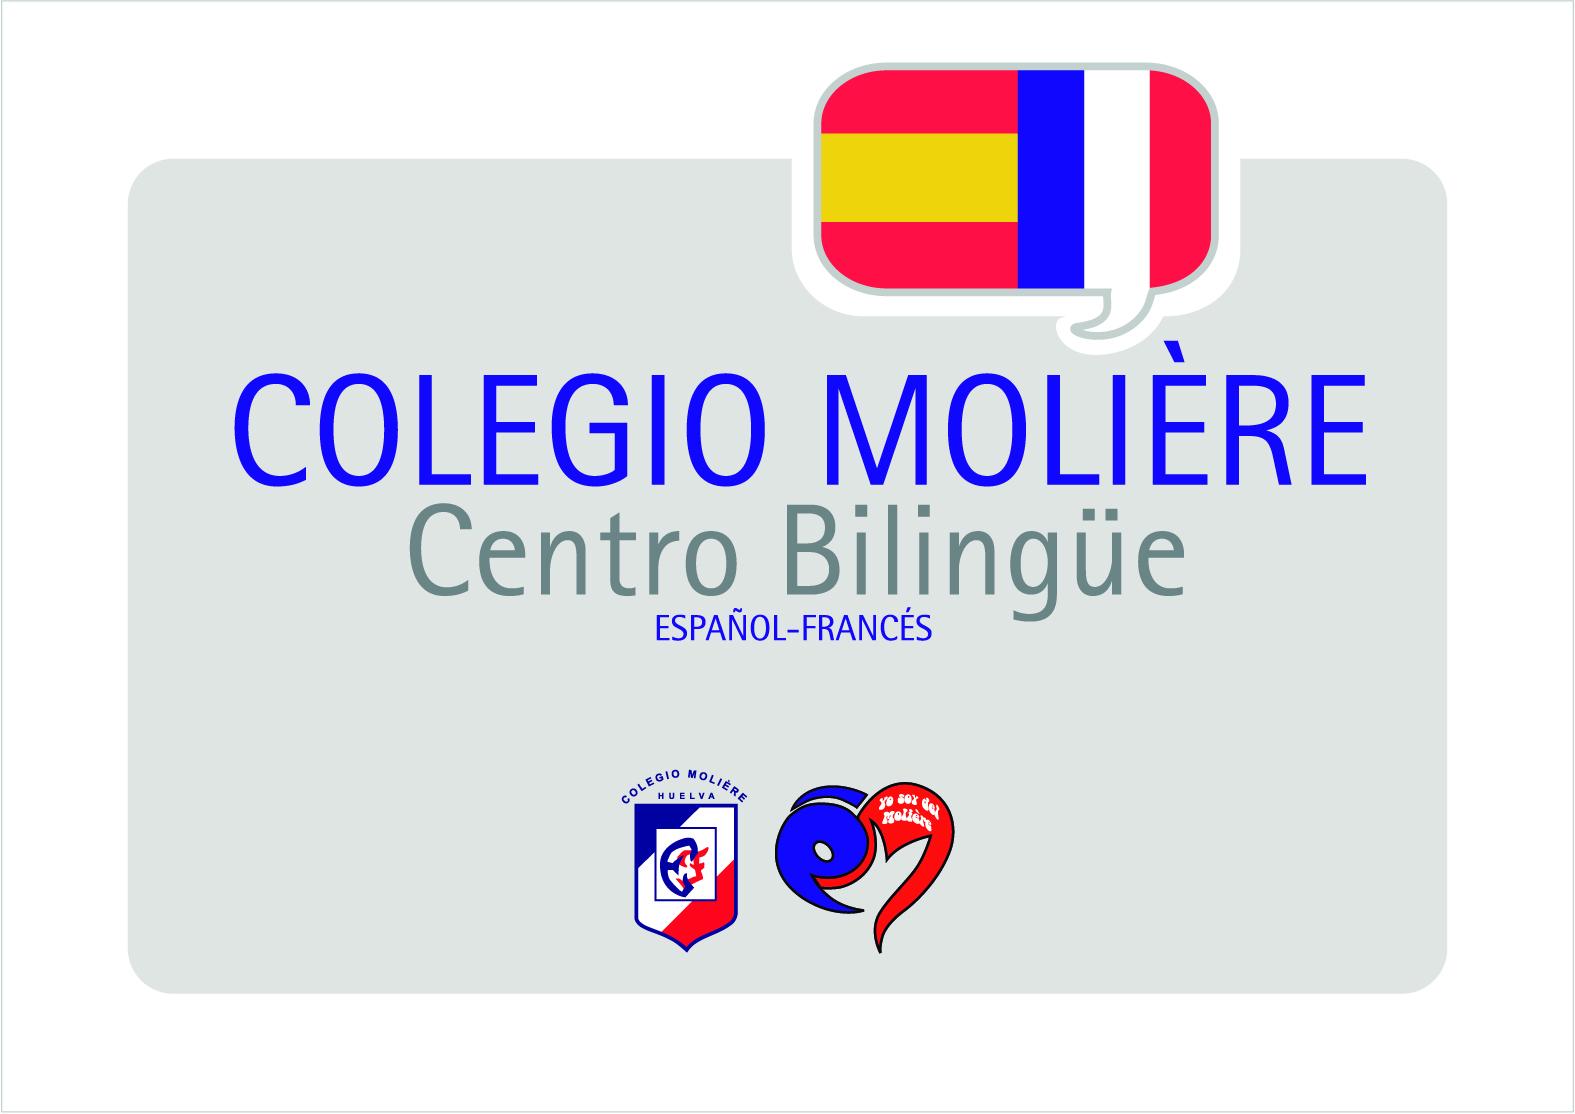 Somos Centro Bilingüe